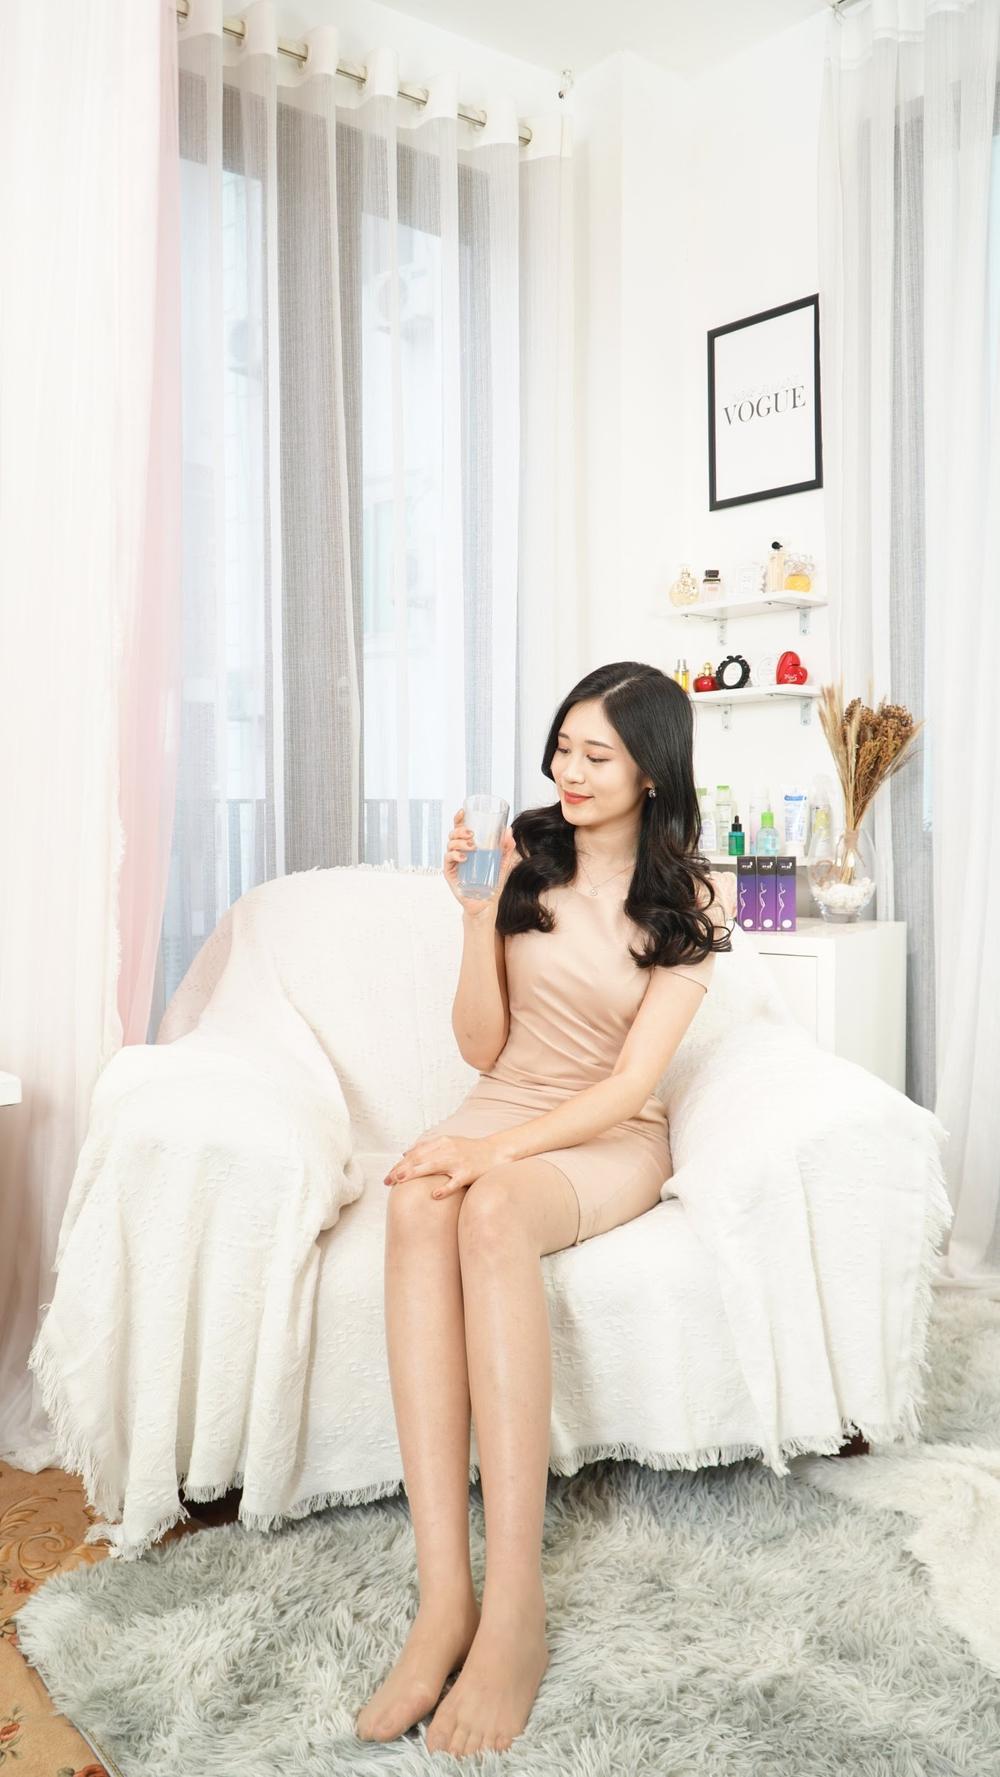 Bora Slim - Bí quyết giữ dáng của cô nàng hot girl Hàn Quốc Ảnh 2